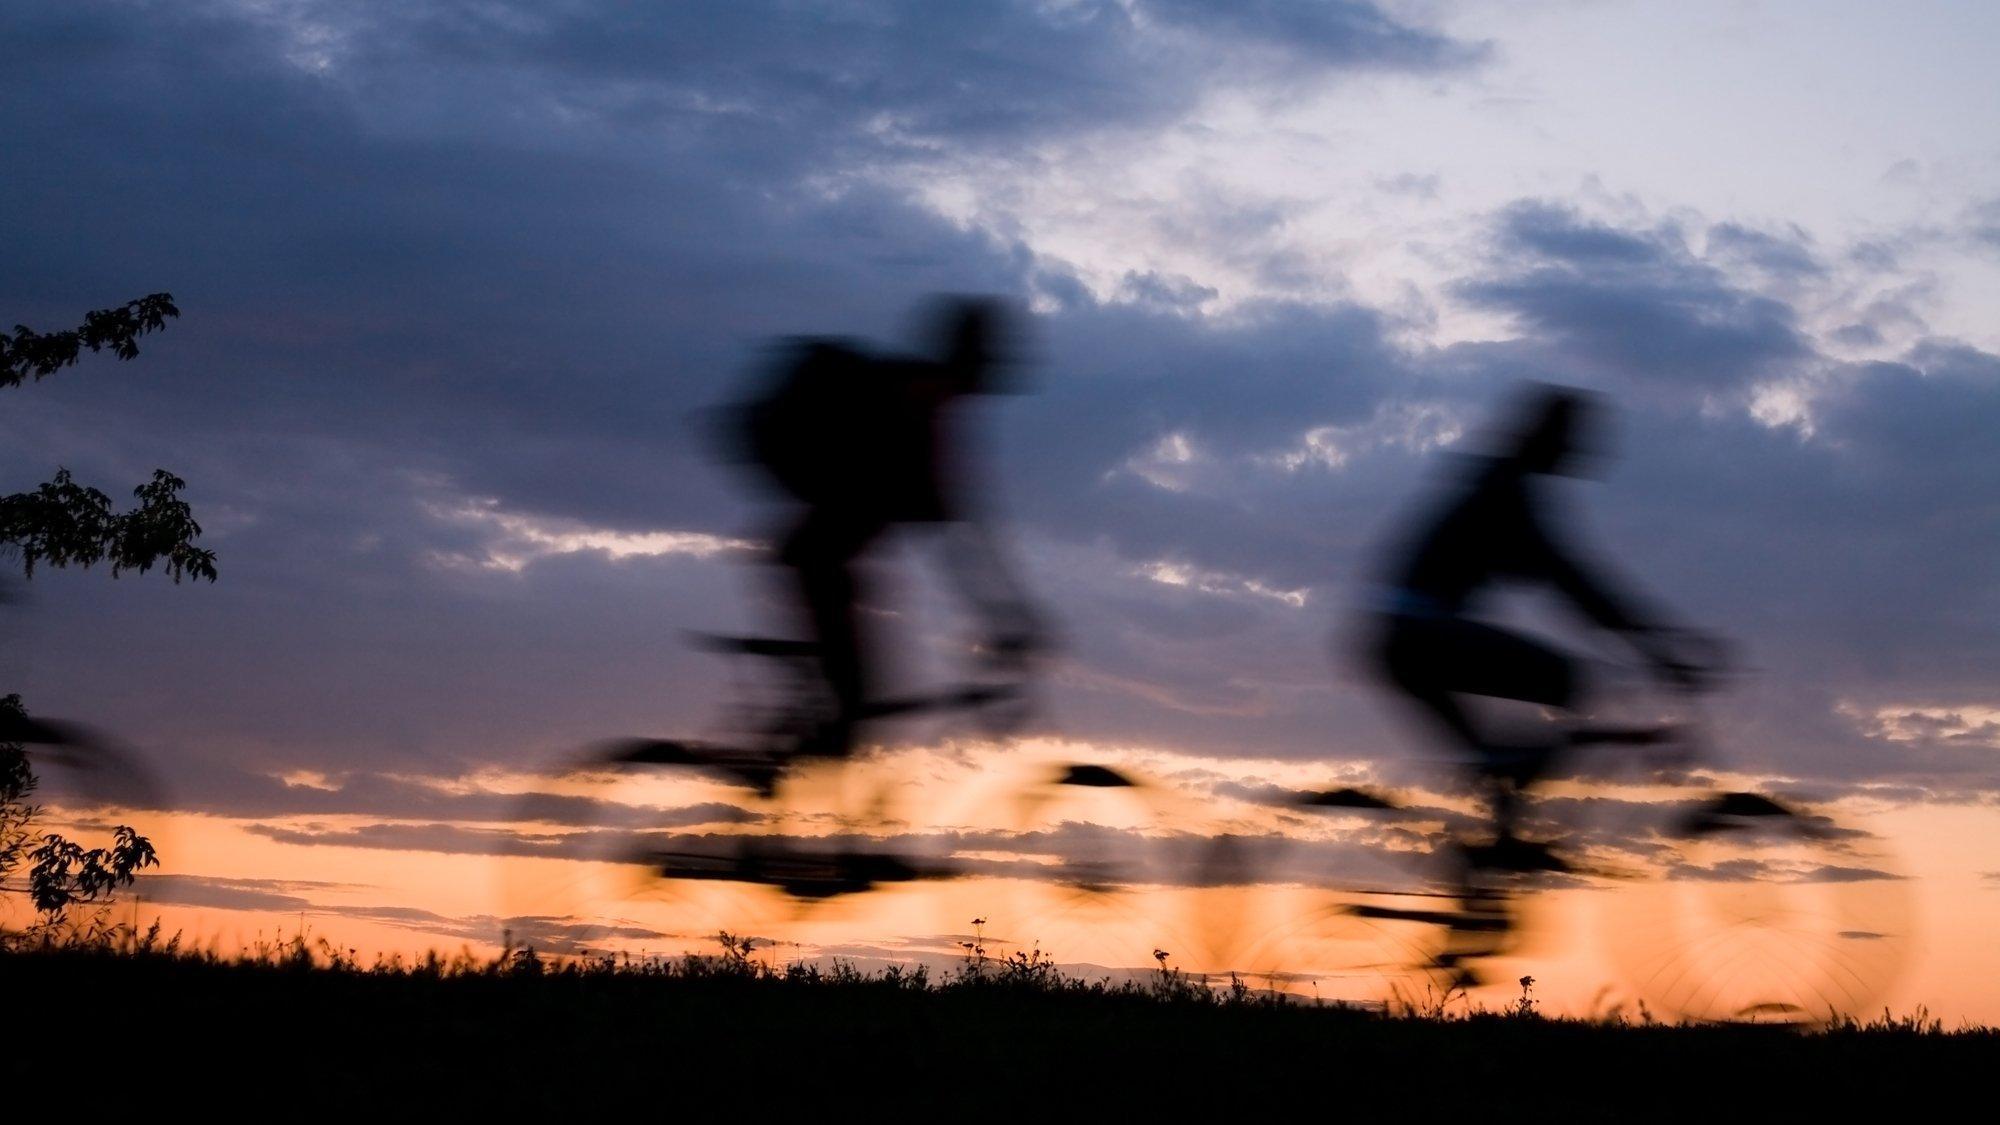 Das Bild zeigt die Umrisse von zwei Radfahrern im Abendlicht in freier Landschaft. Es vermittelt ein Gefühl der Freiheit, mit dem Fahrrad unterwegs zu sein.